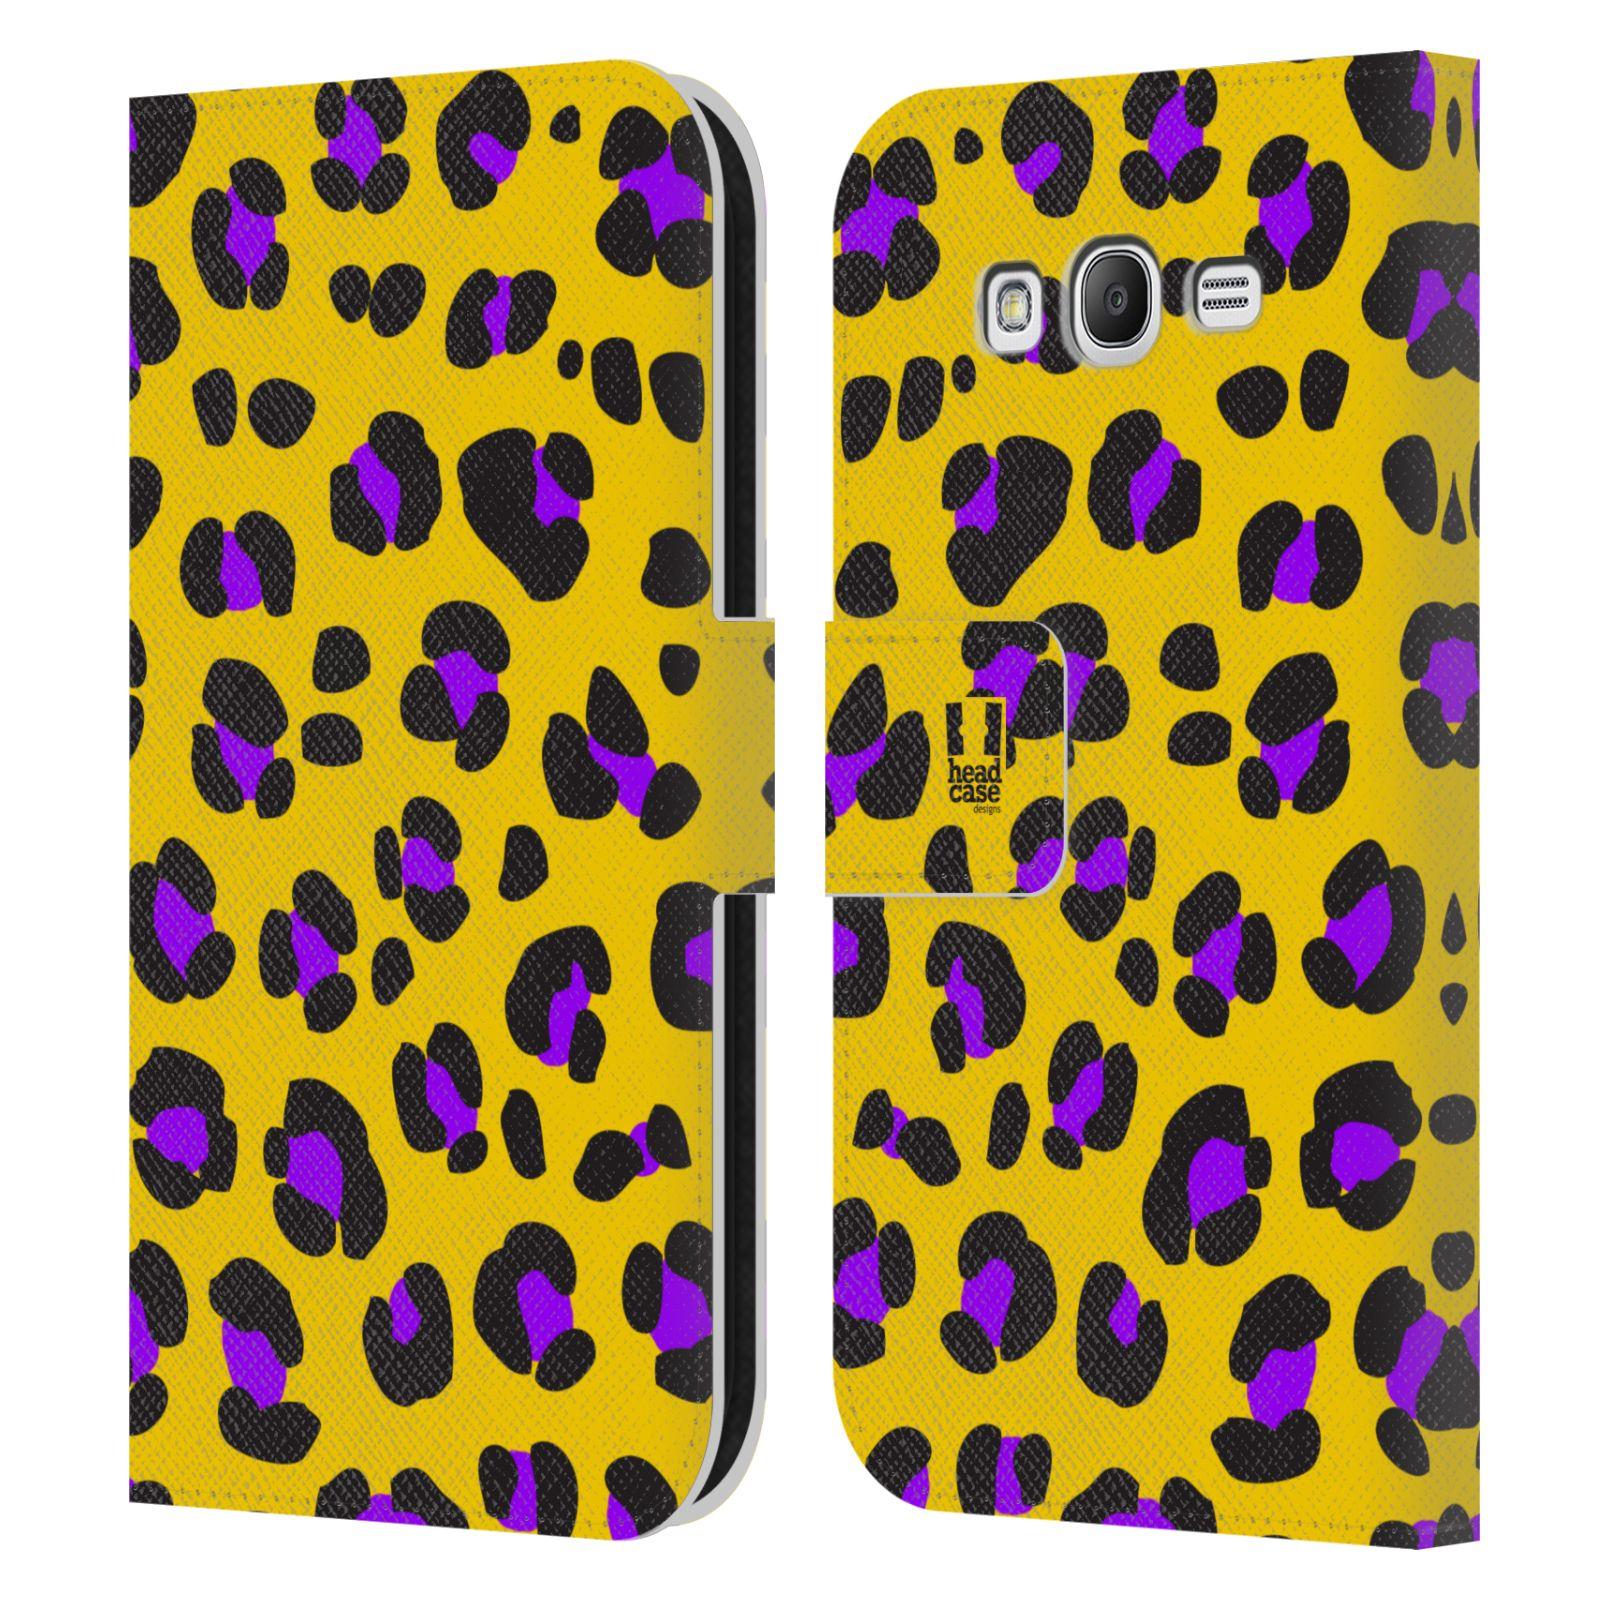 HEAD CASE Flipové pouzdro pro mobil Samsung Galaxy Grand i9080 Zvířecí barevné vzory žlutý leopard fialové skvrny